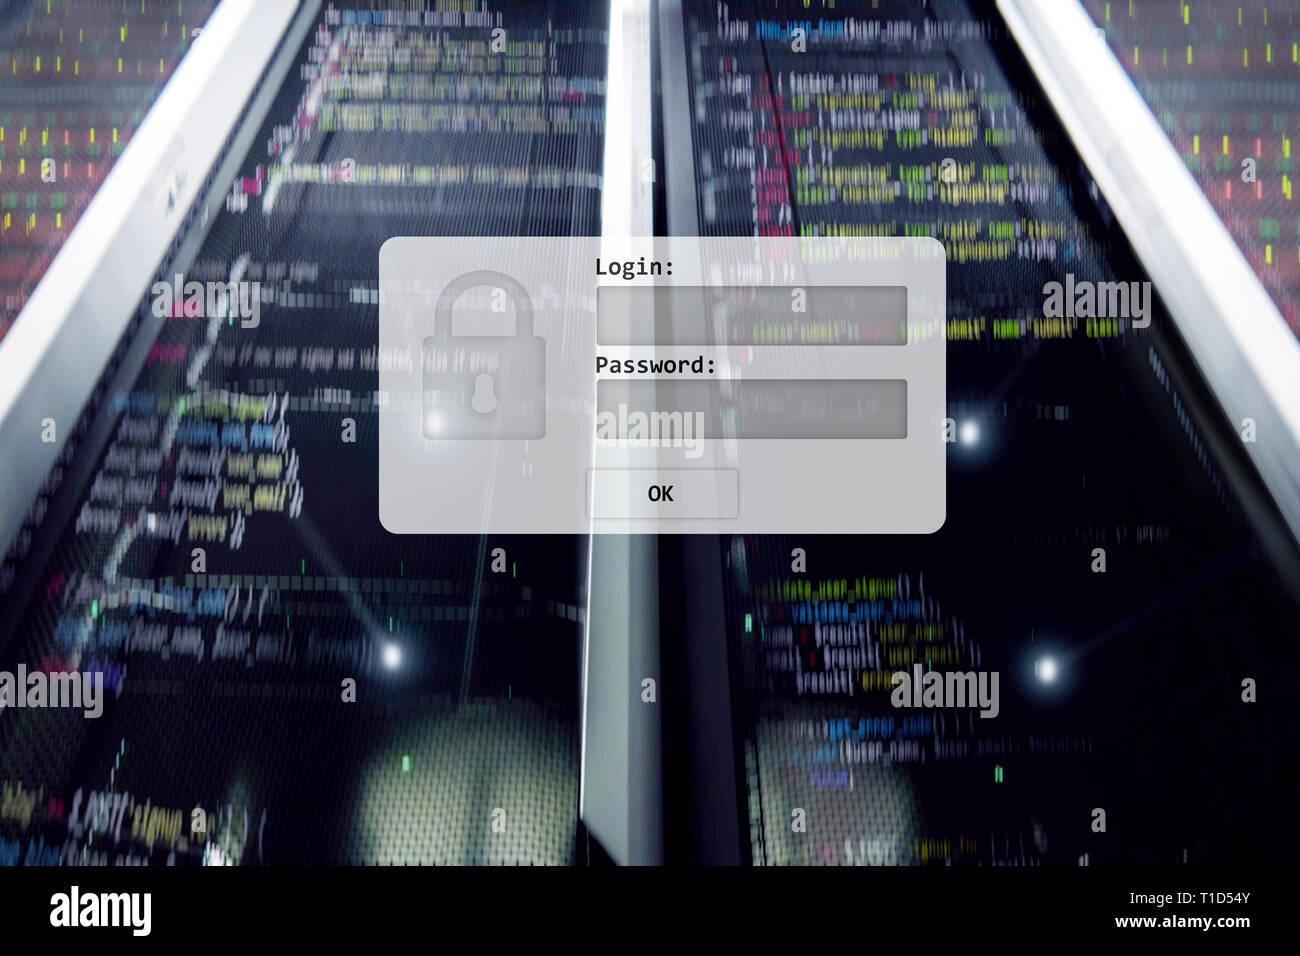 Sala de servidores, petición de inicio de sesión y contraseña, acceso y seguridad de los datos. Foto de stock